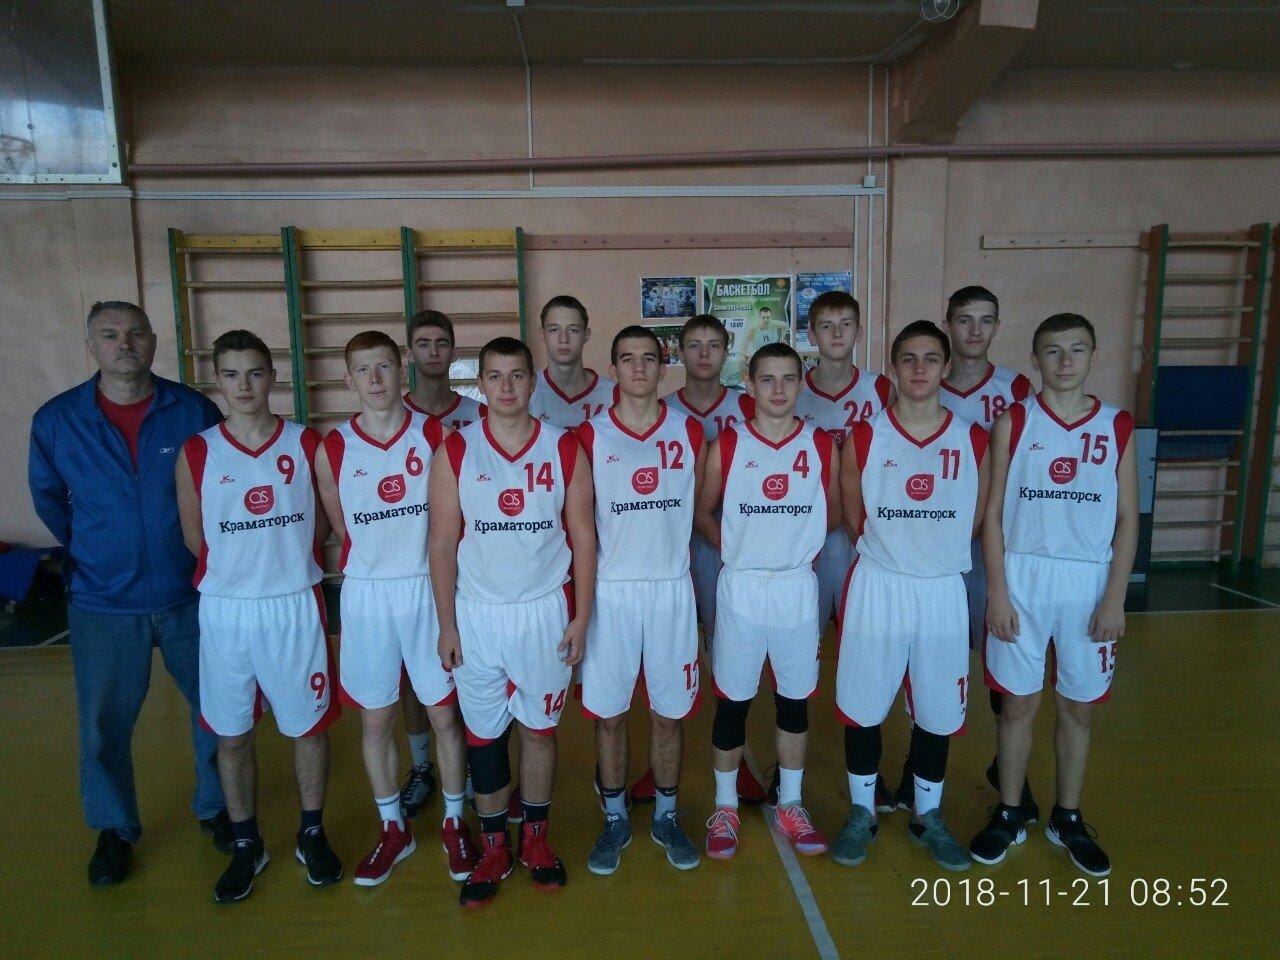 Баскетболисты Краматорска достойно показали себя на соревнованиях, фото-1